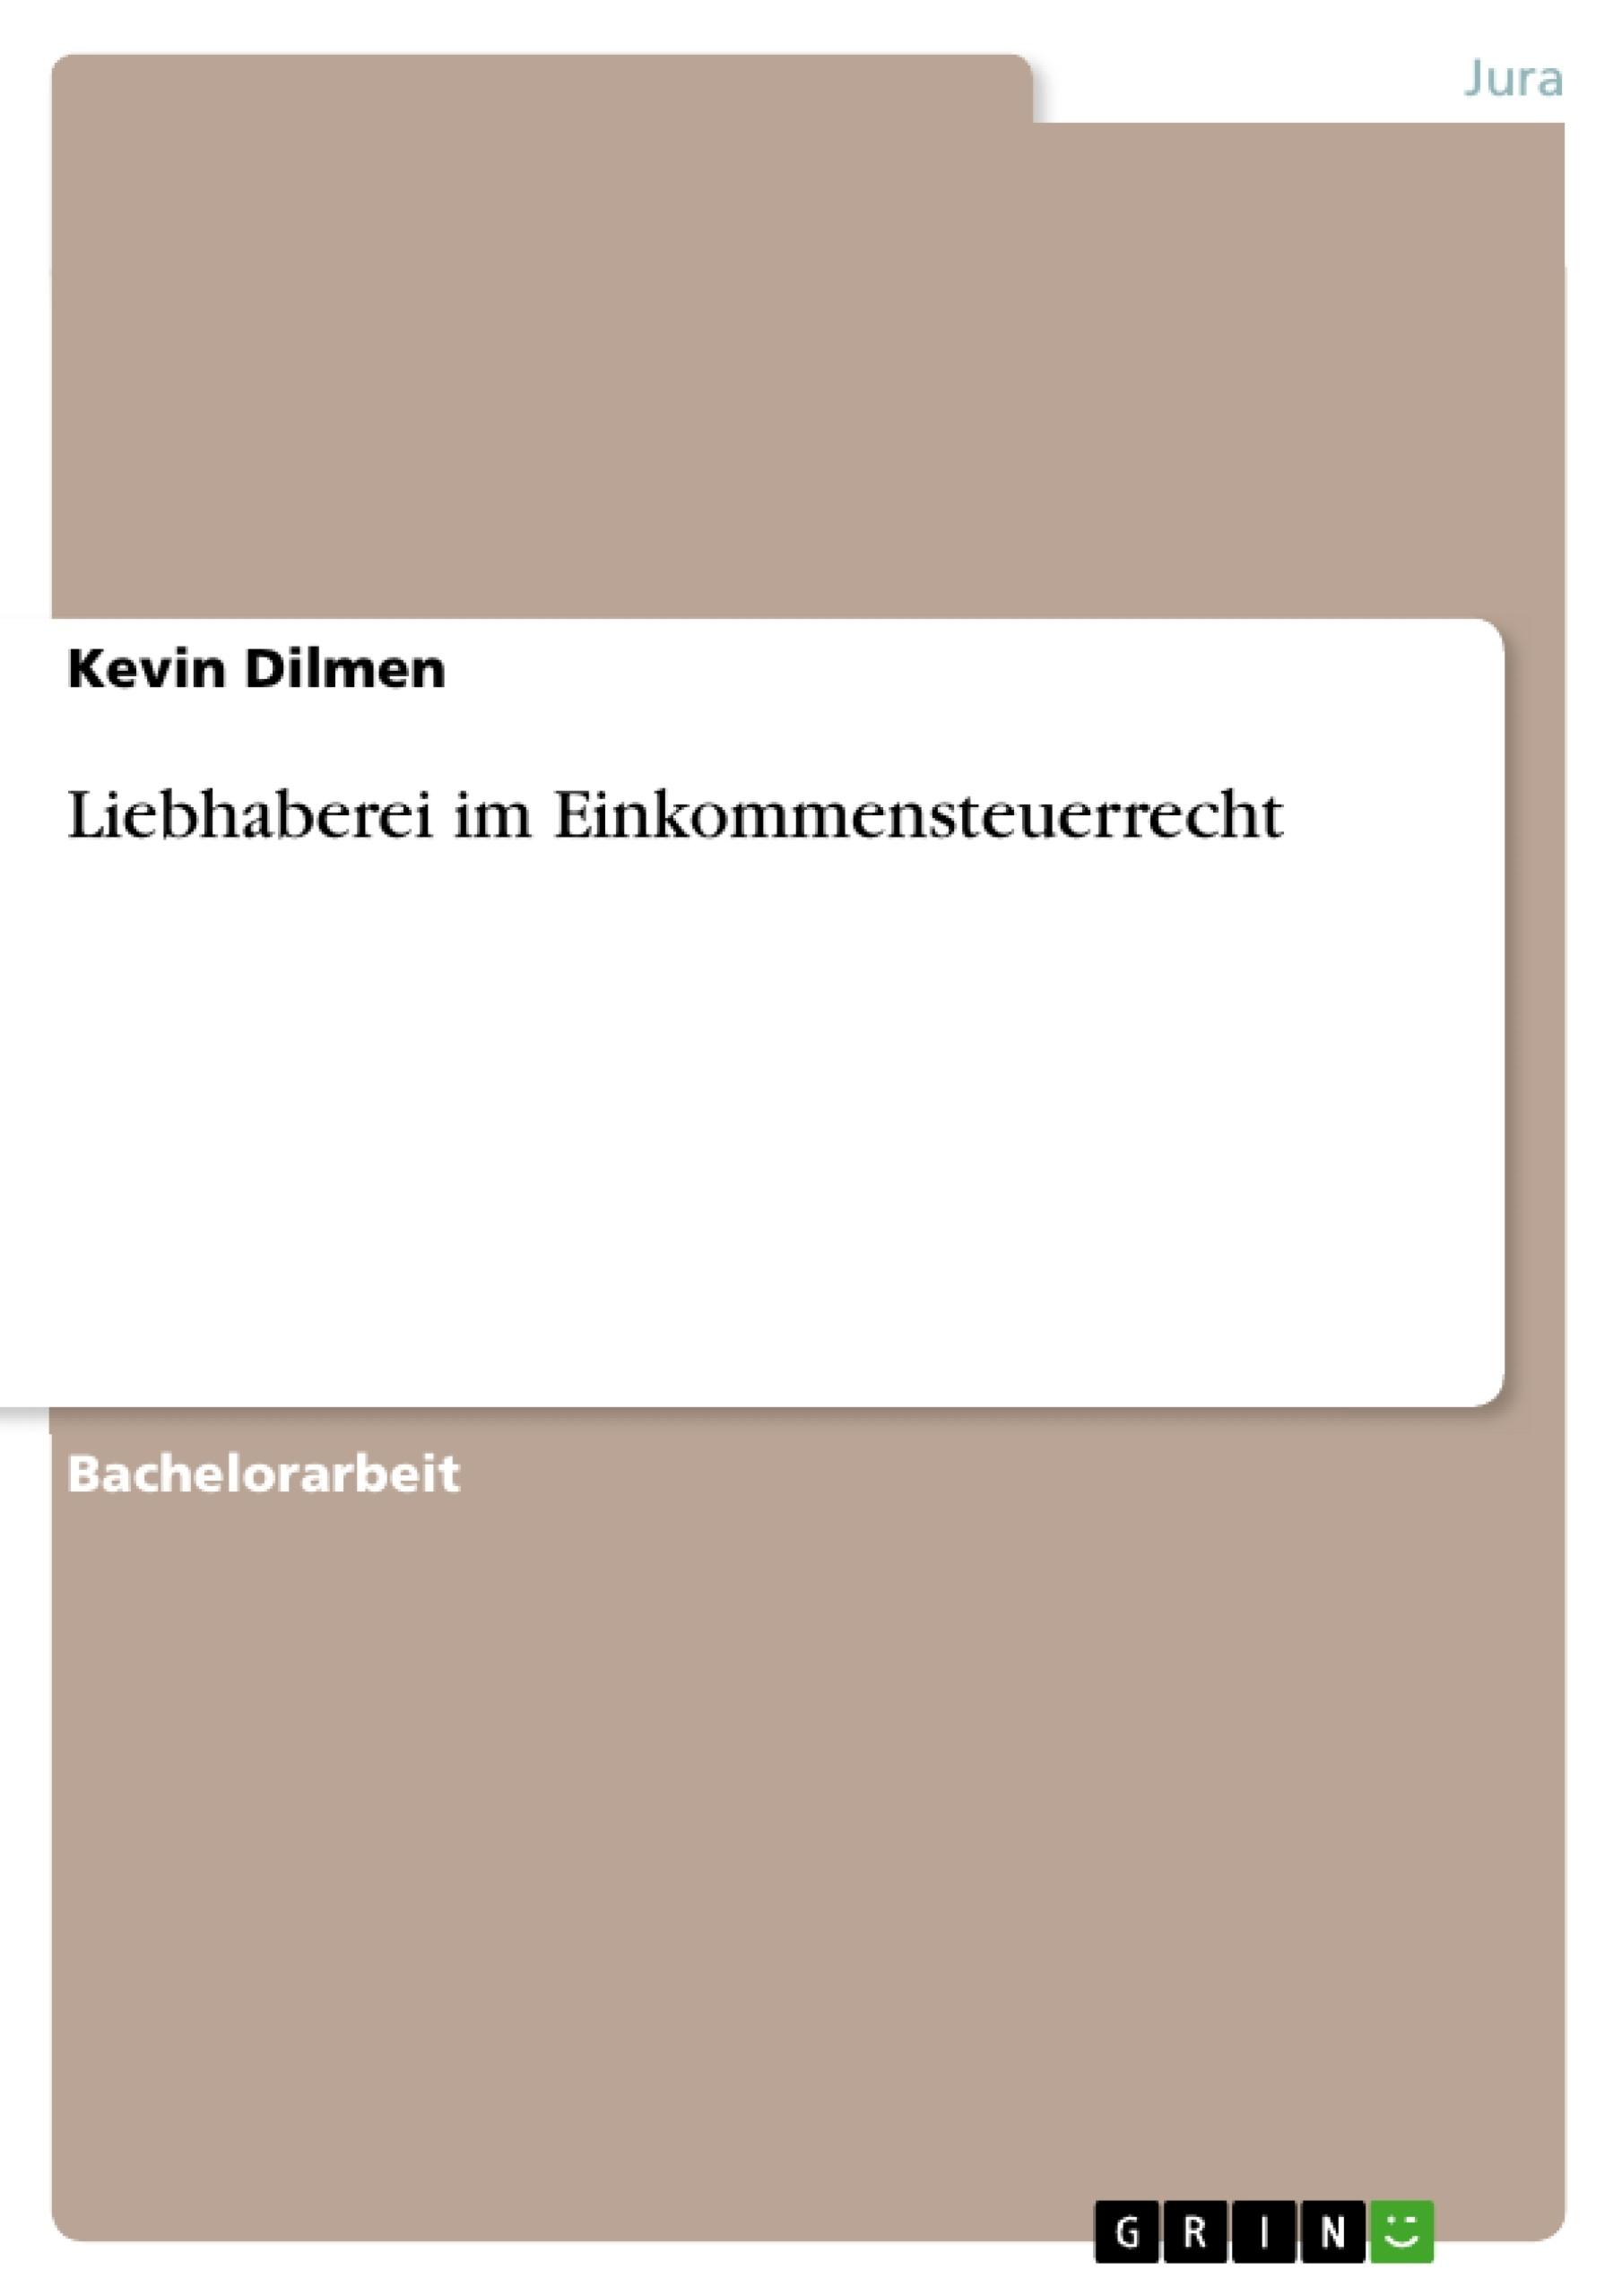 Liebhaberei im Einkommensteuerrecht | Diplomarbeiten24.de